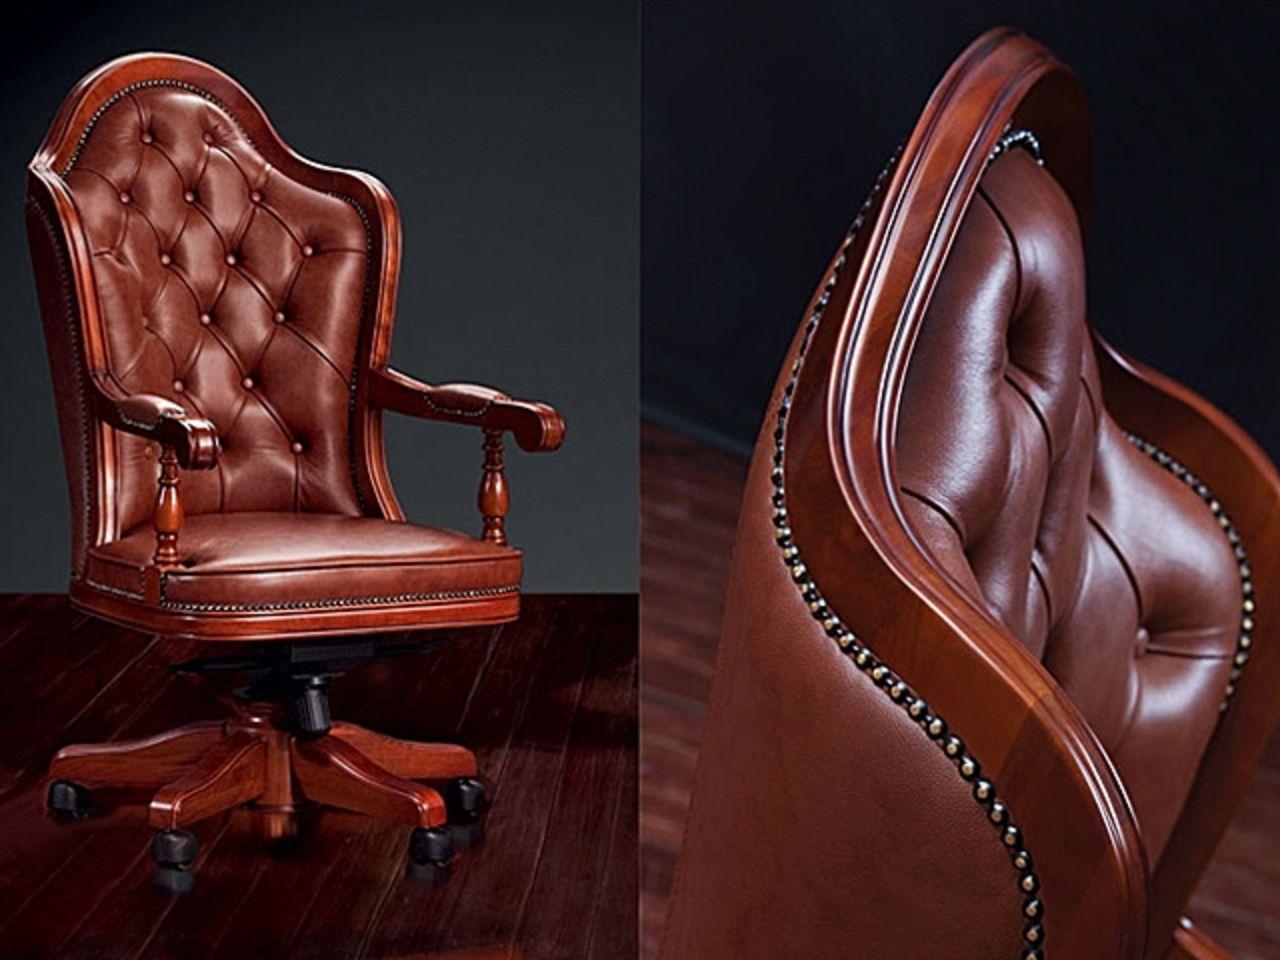 Кресло офисное на колесиках из кожи